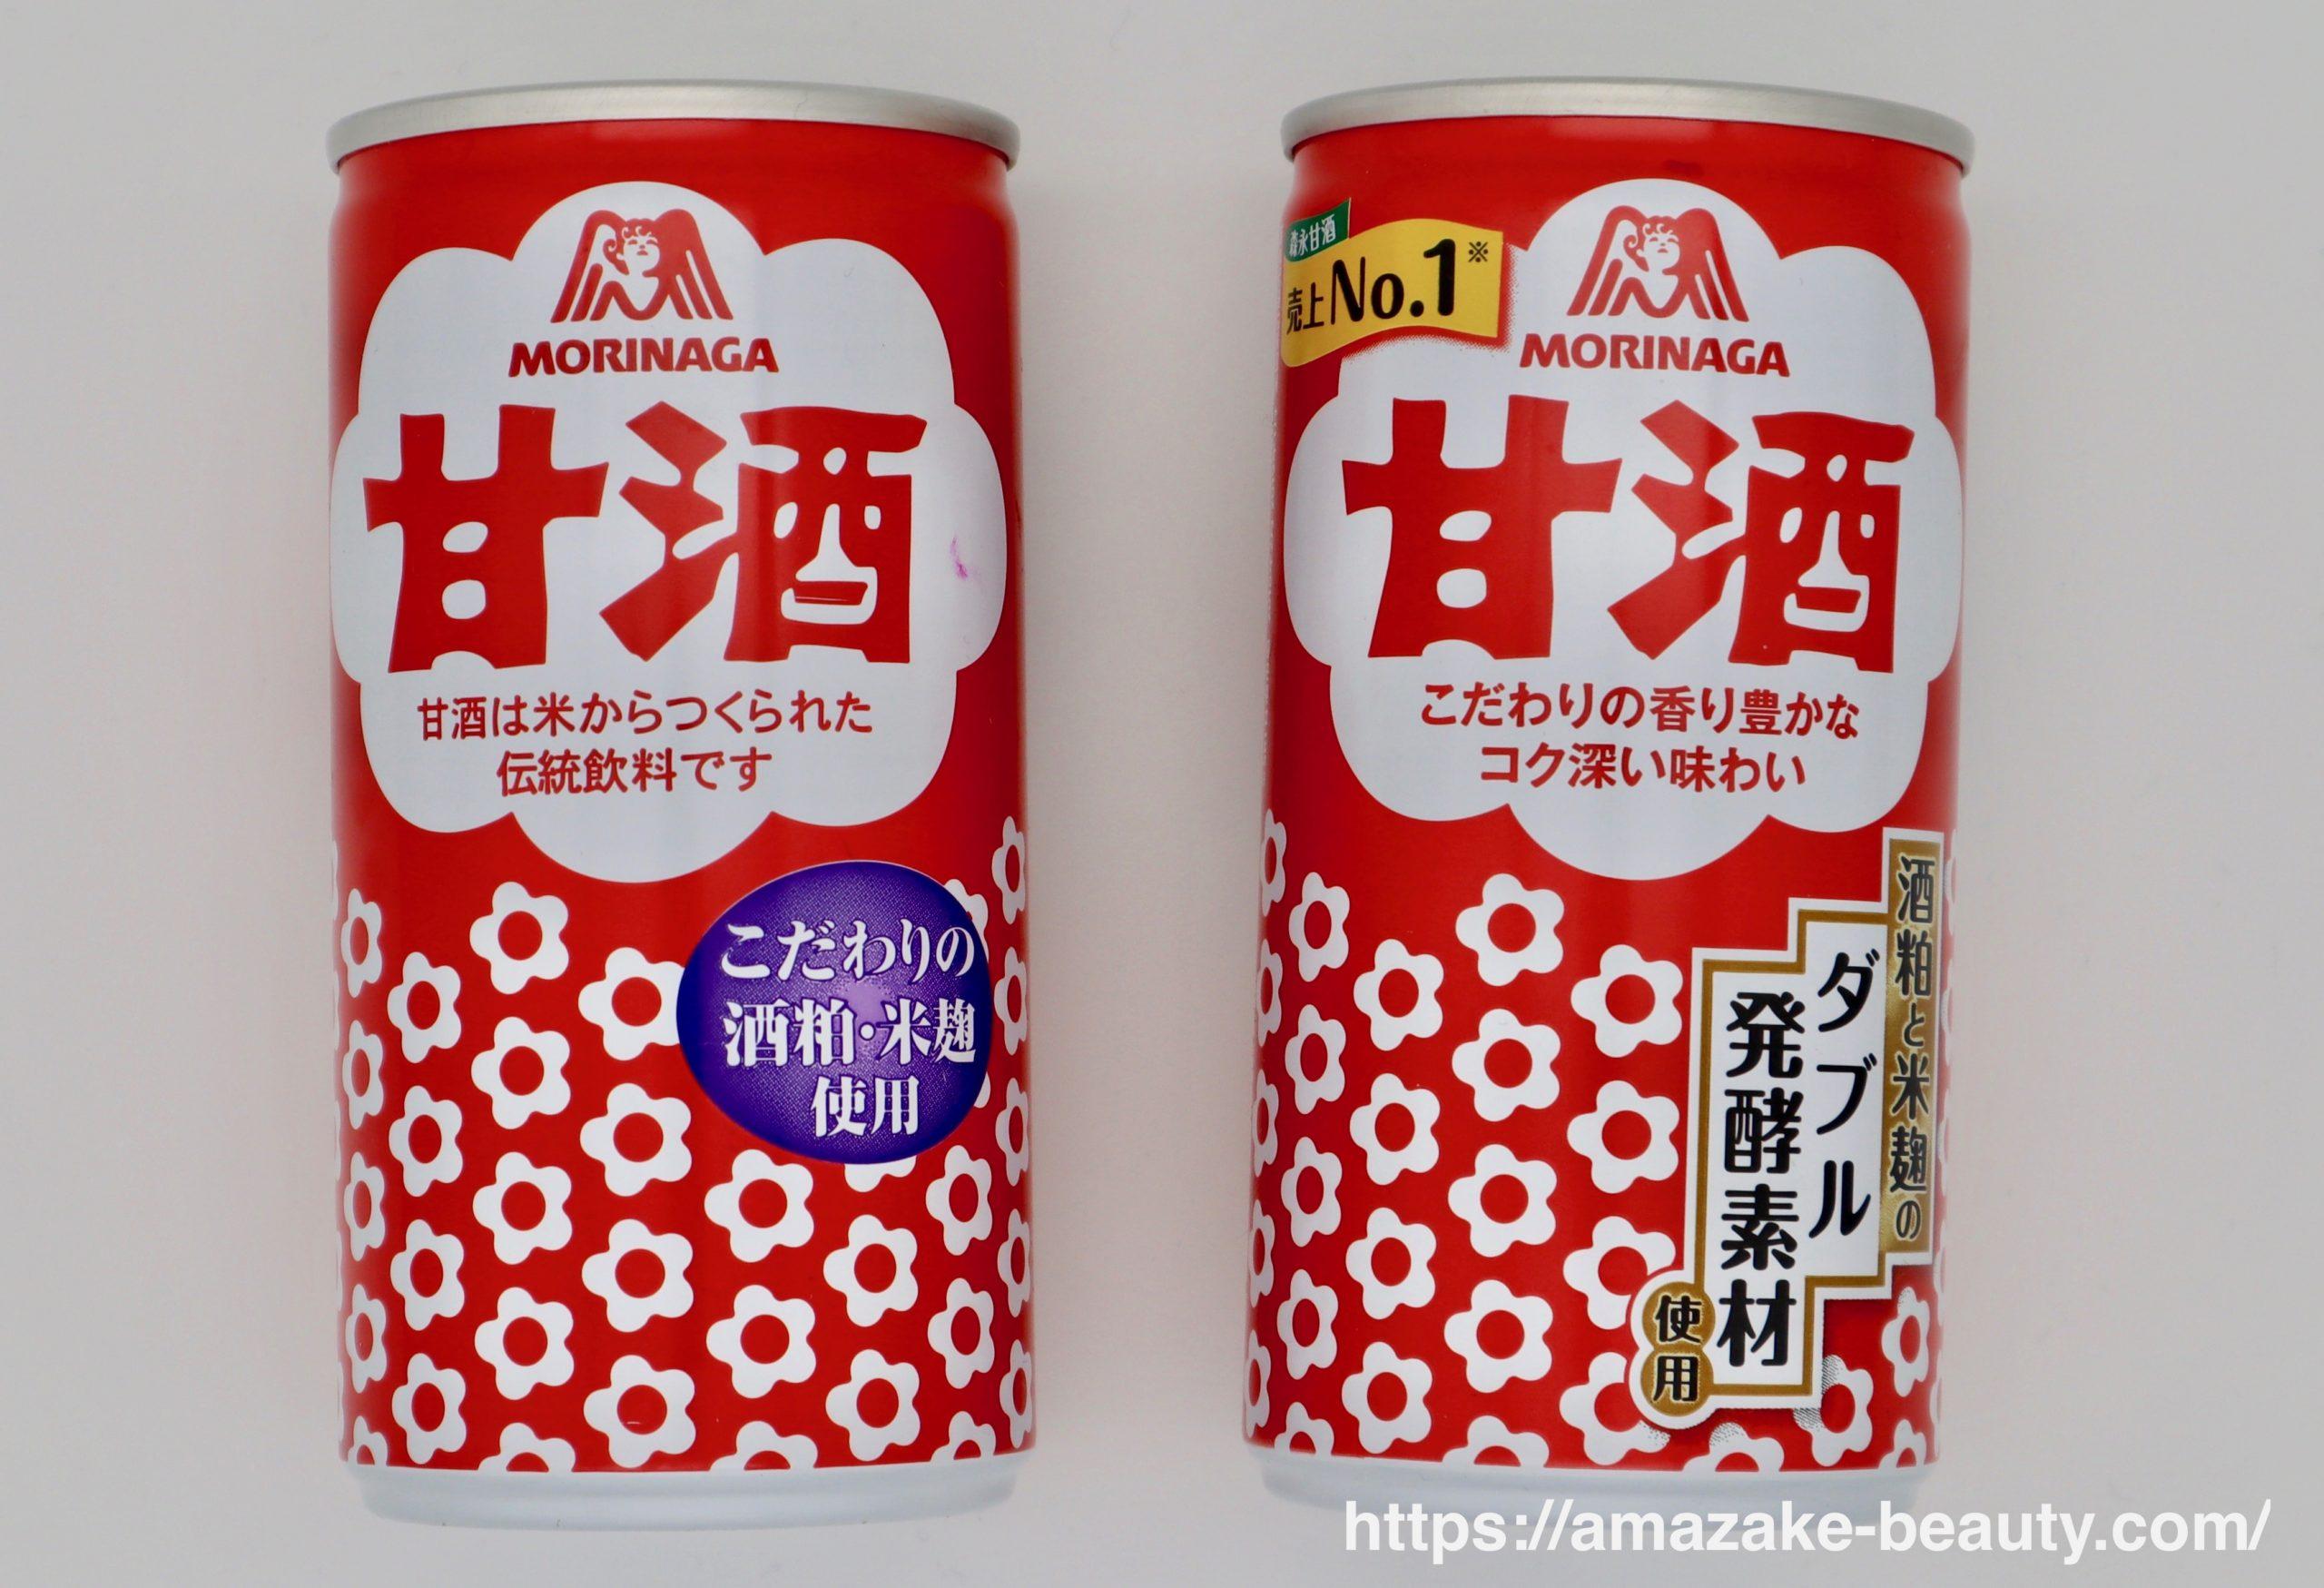 【甘酒】森永製菓『甘酒』(旧パッケージデザインとの比較)